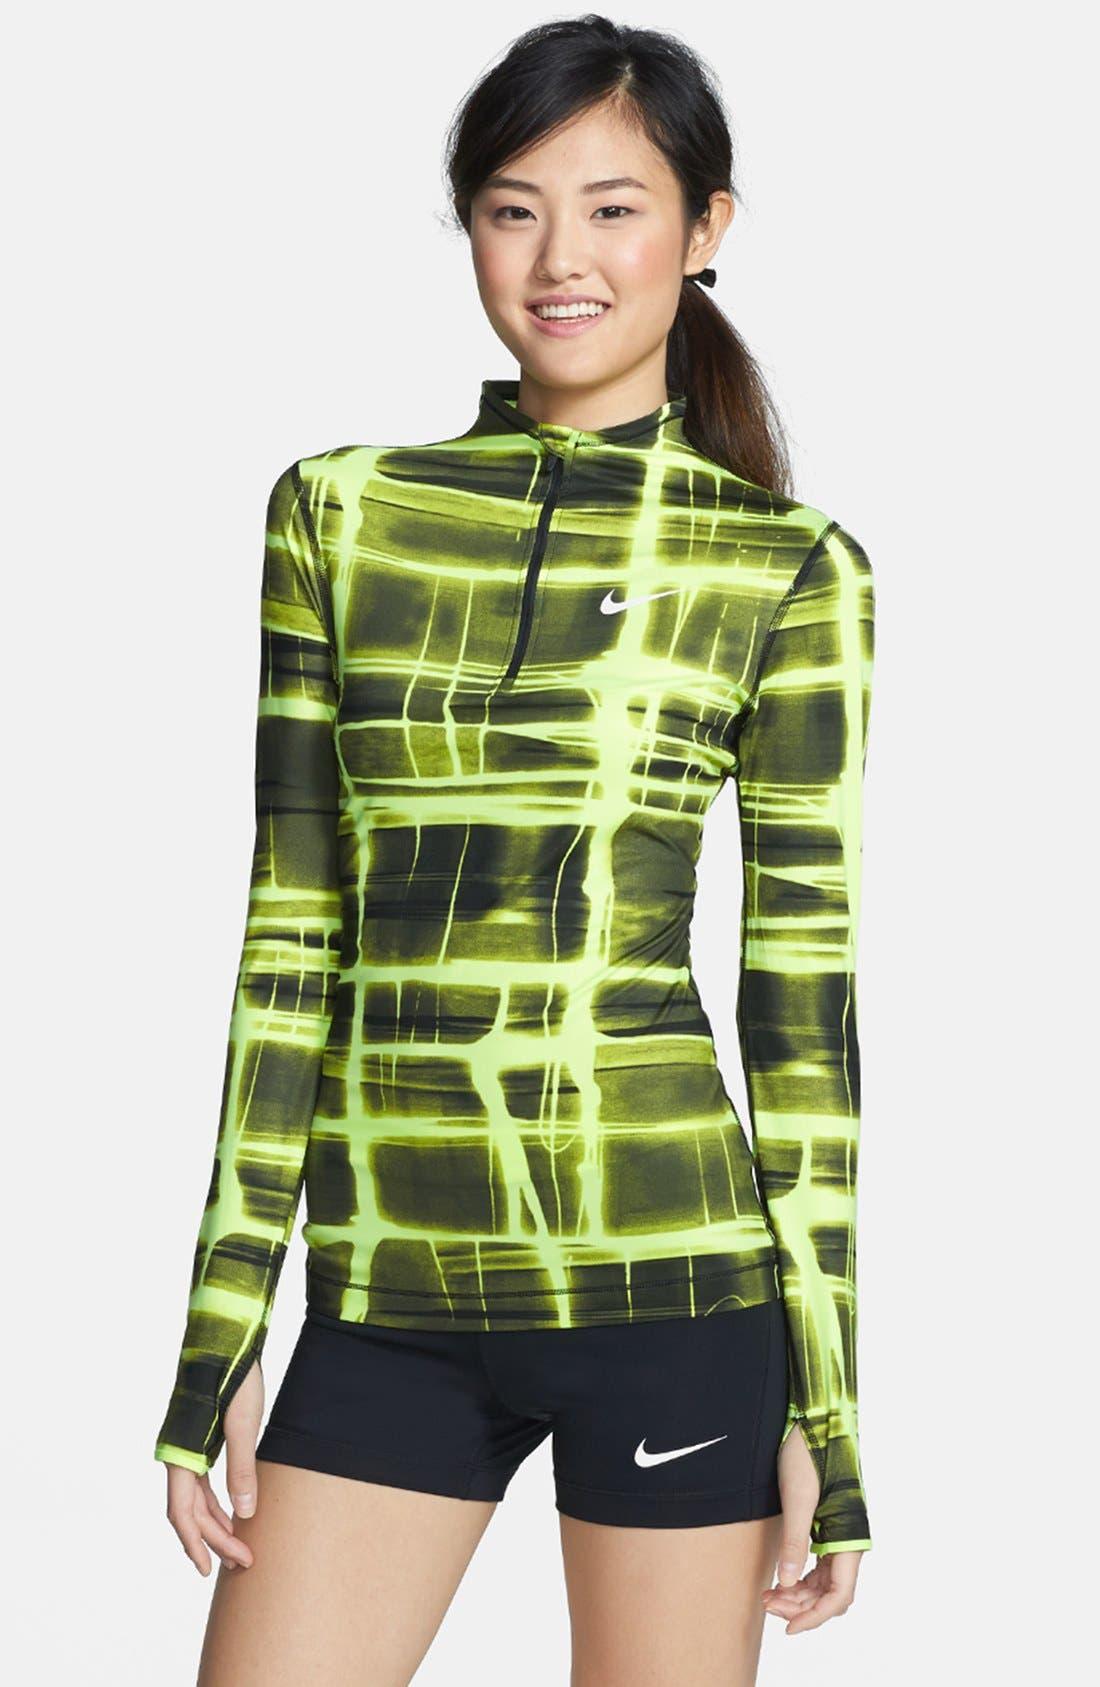 Main Image - Nike 'Pro' Dri-FIT Printed Half Zip Top